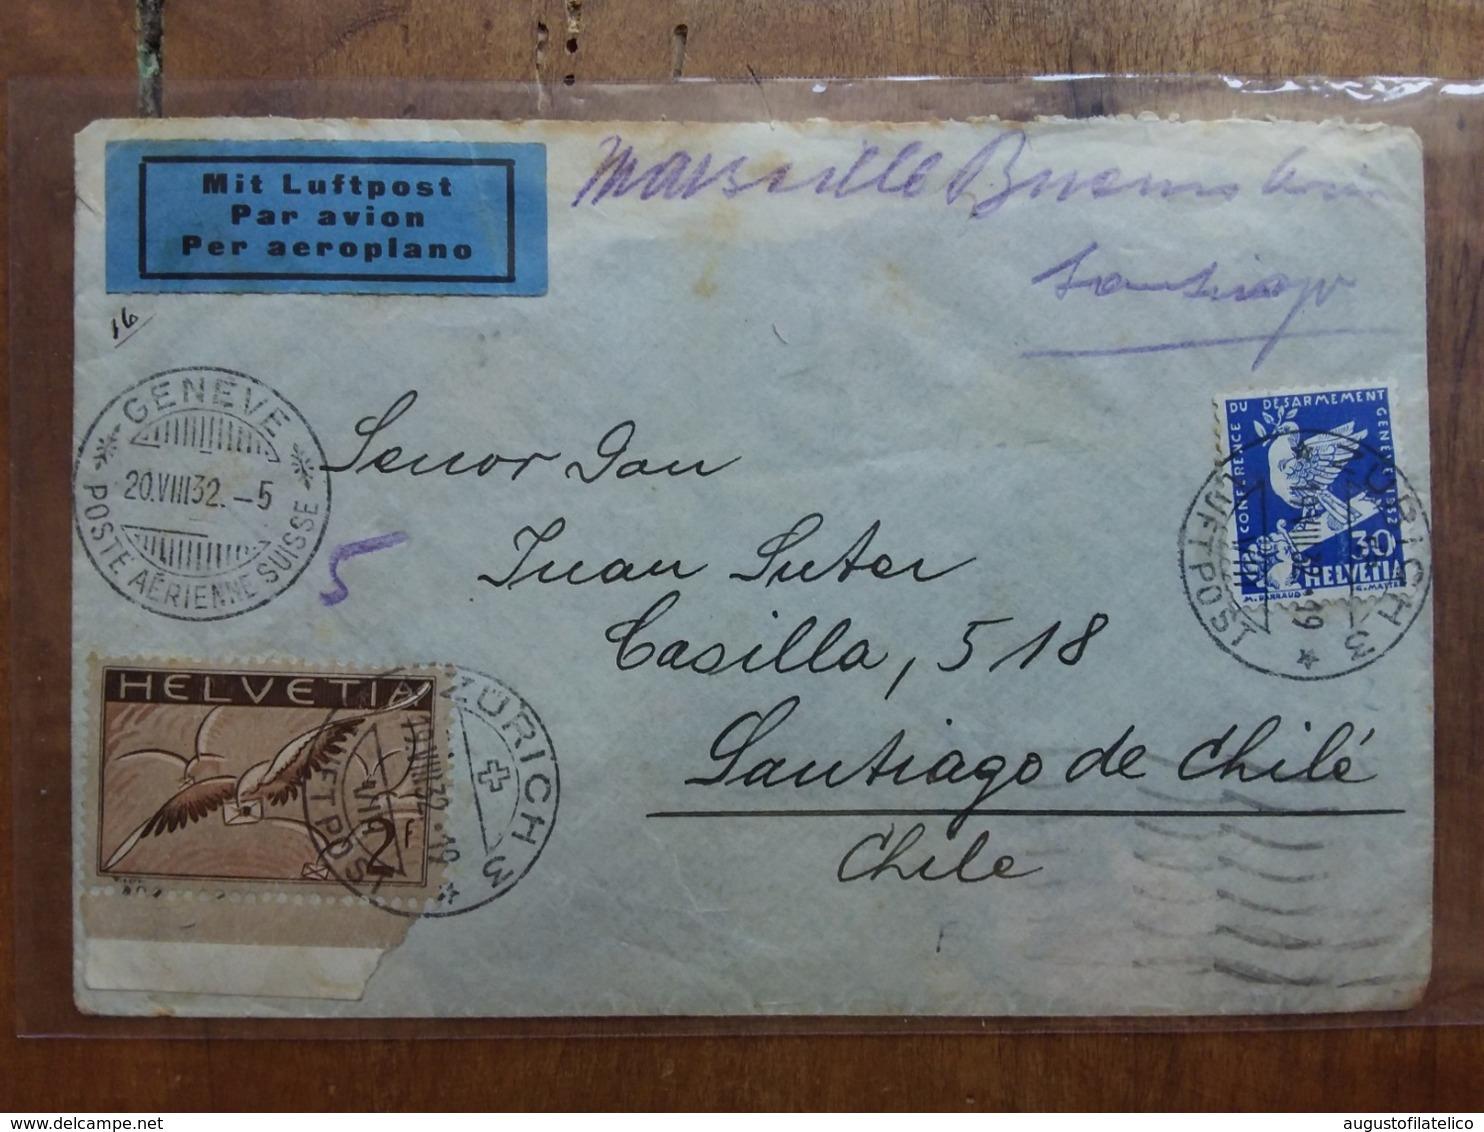 SVIZZERA 1932 - Lettera Spedita Con Posta Aerea Dalla Svizzera In Cile (con Francobollo Da 2 Franchi) - Annulli Arrivo - Luftpost